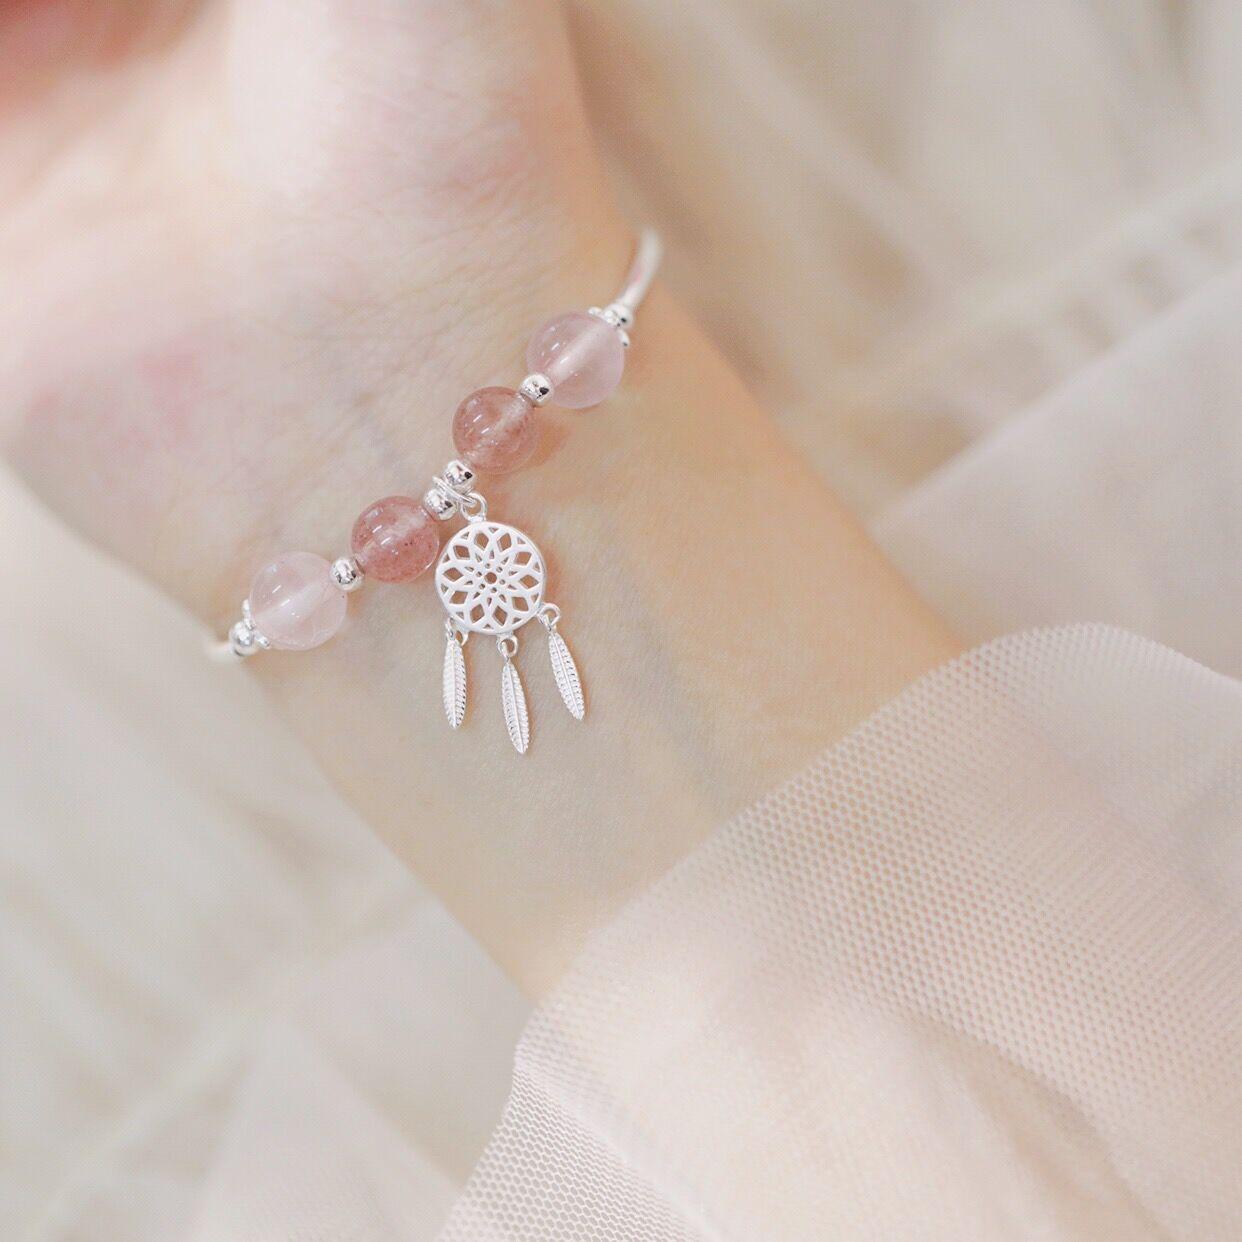 銀春春草莓晶捕夢網手鏈chic甜美清新創意森林系學生手環韓版飾品